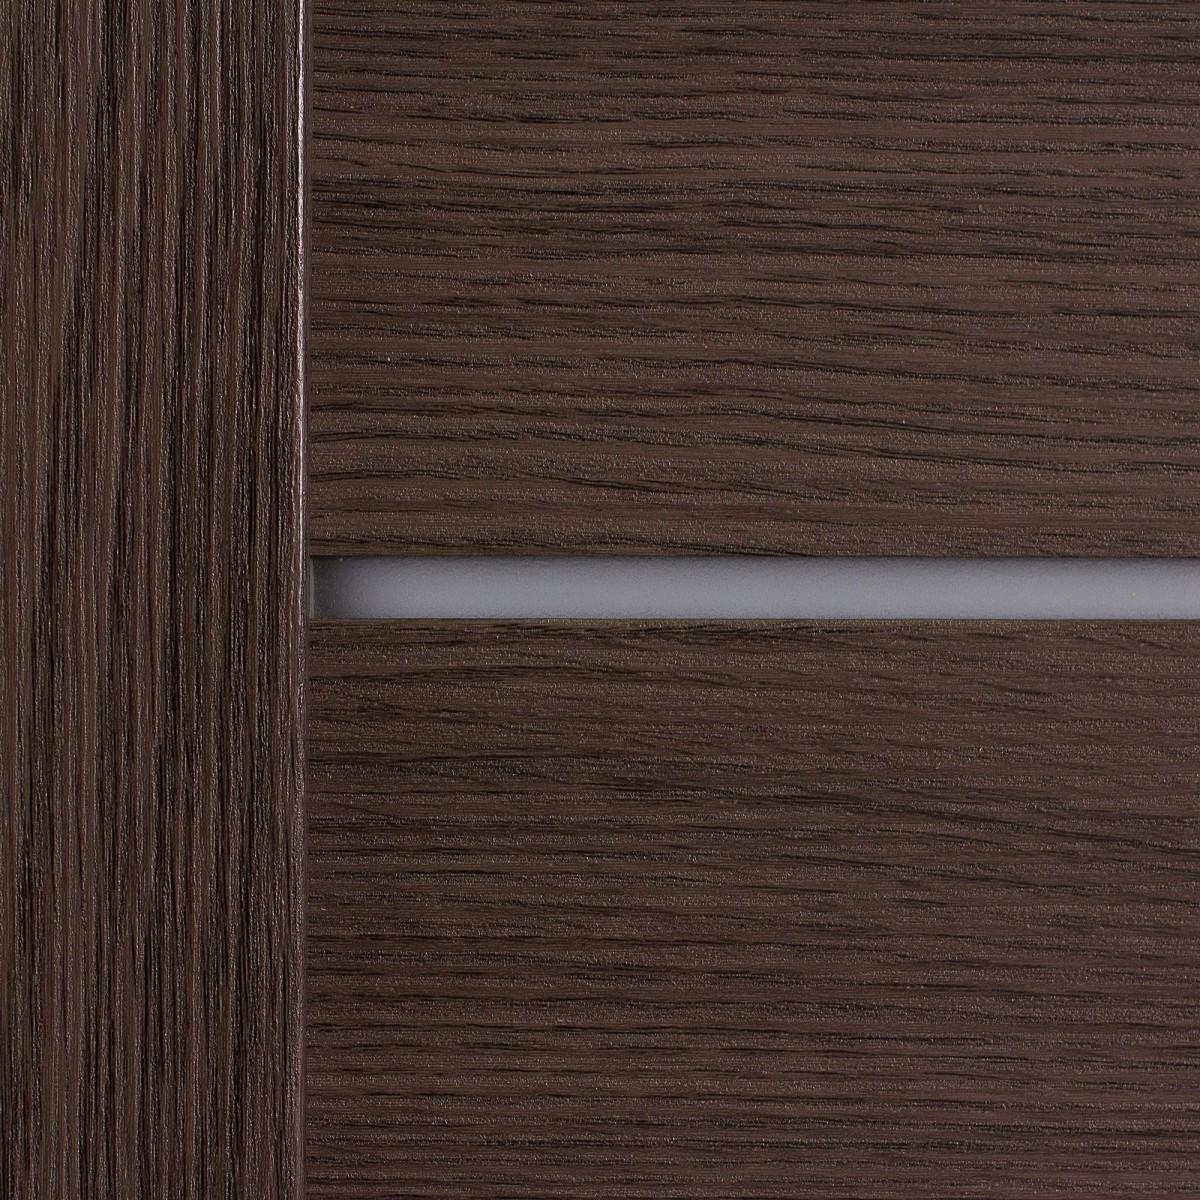 Дверь Межкомнатная Глухая Ницца 70x200 Пвх Цвет Дуб Неаполь С Фурнитурой